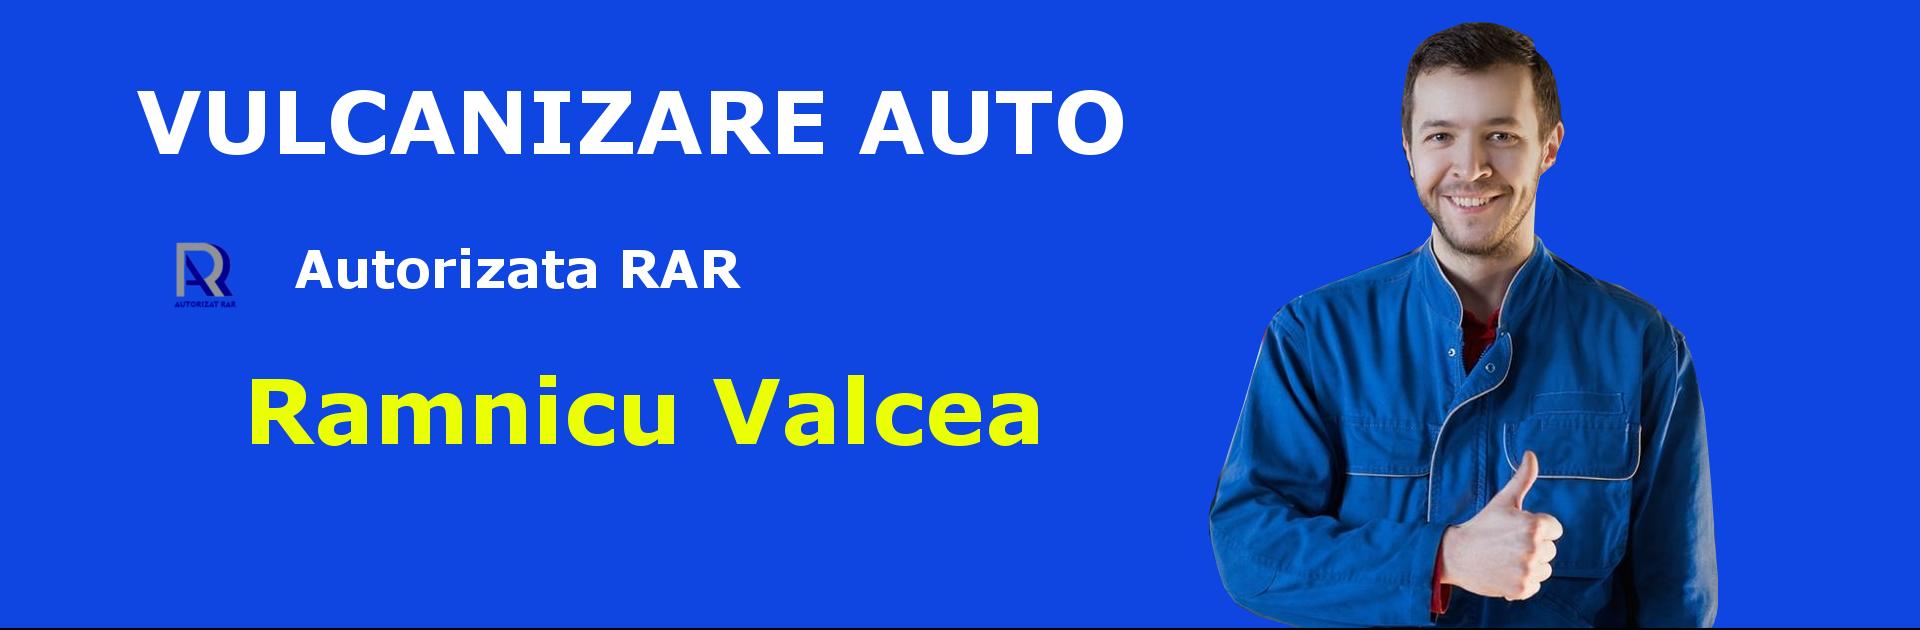 Vulcanizare Ramnicu Valcea